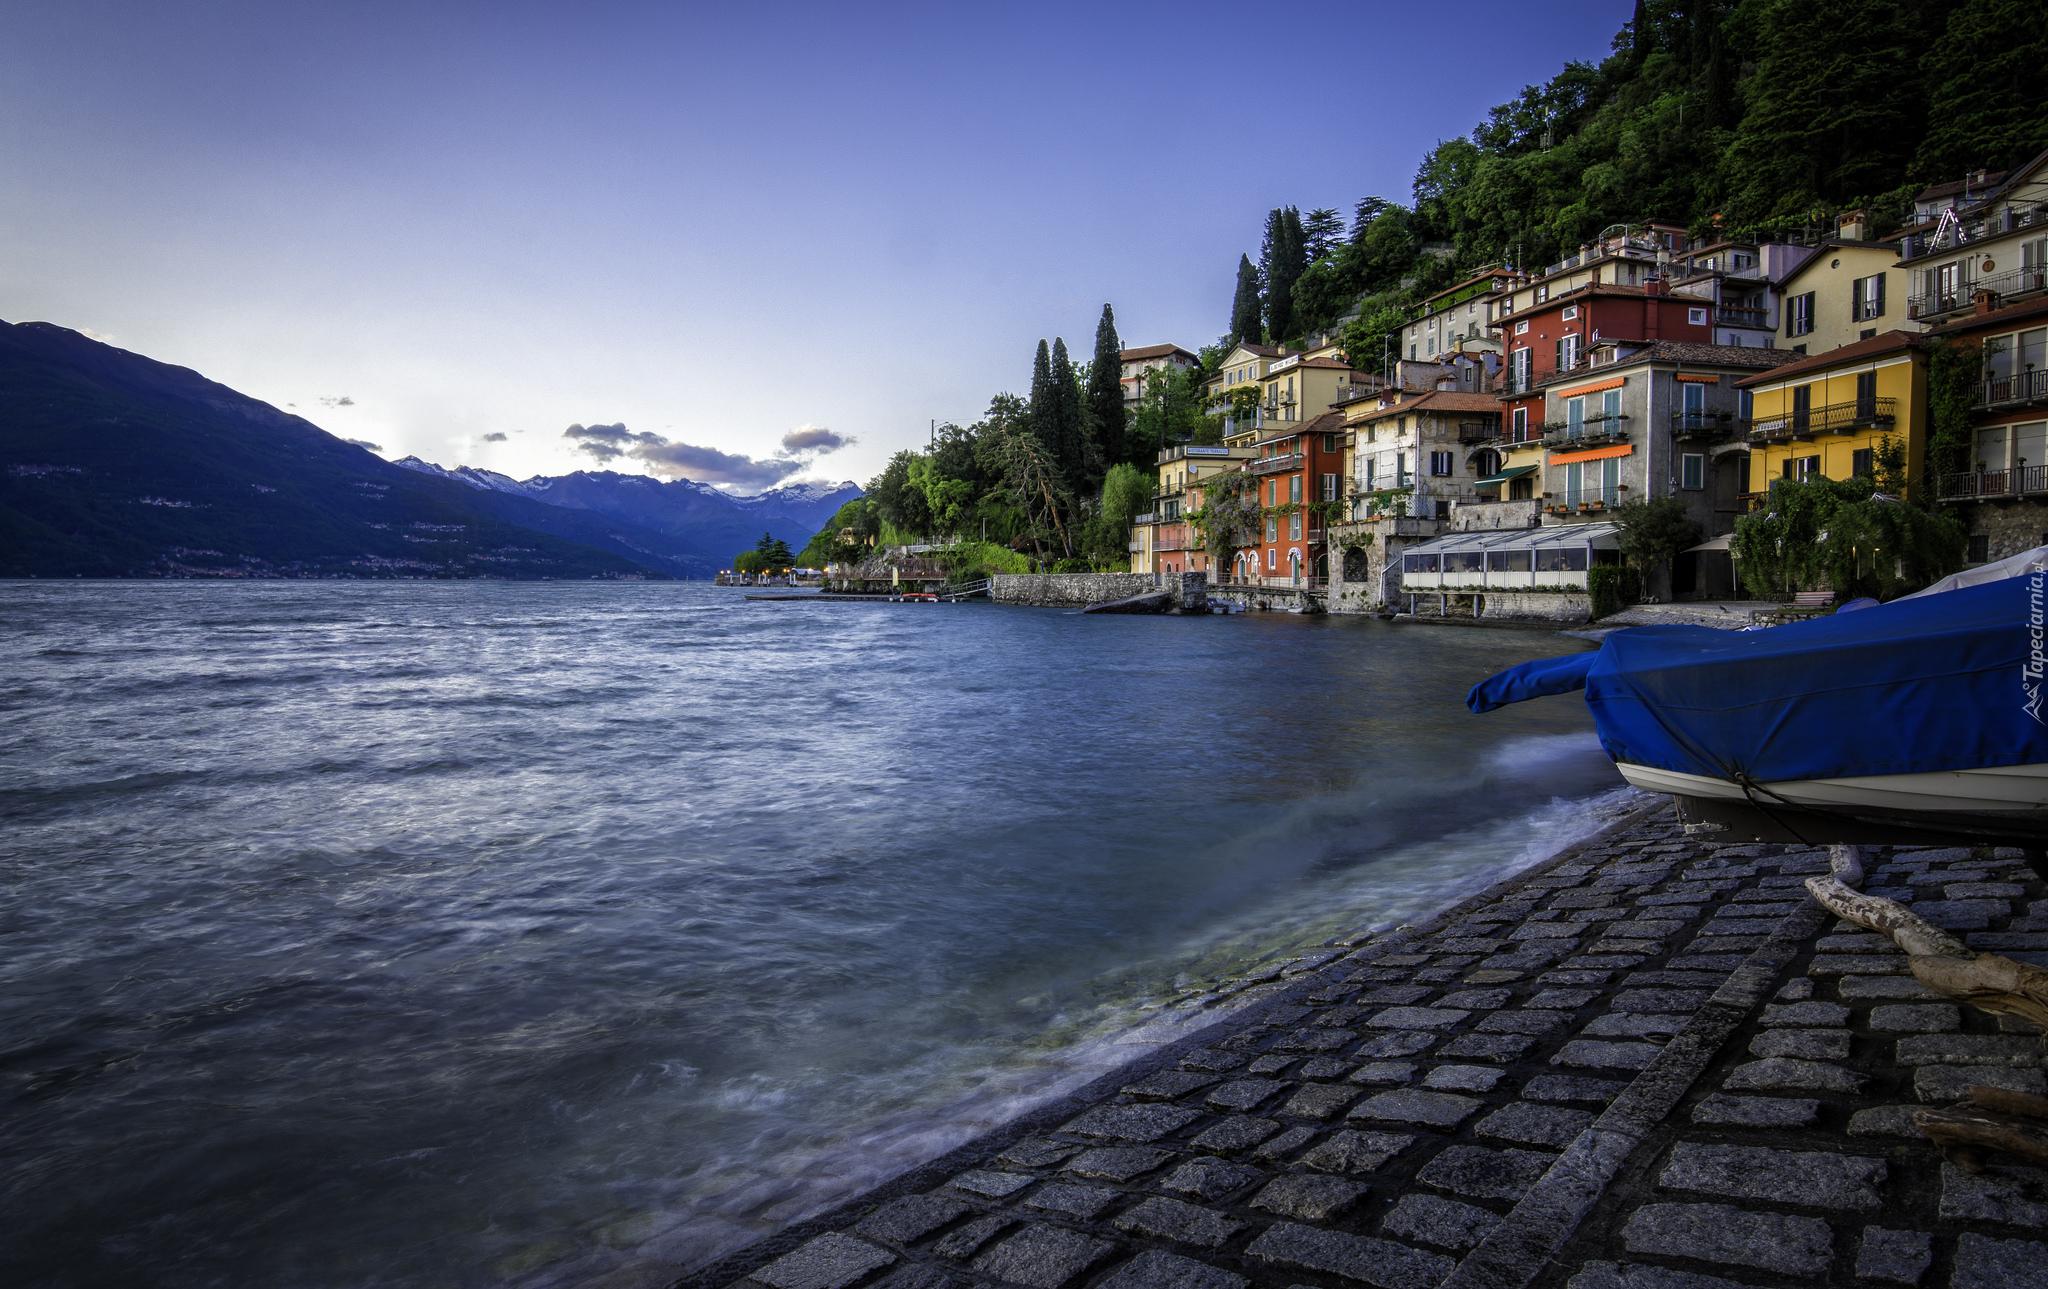 узнать озеро комо фото высокого разрешения период ноября февраль